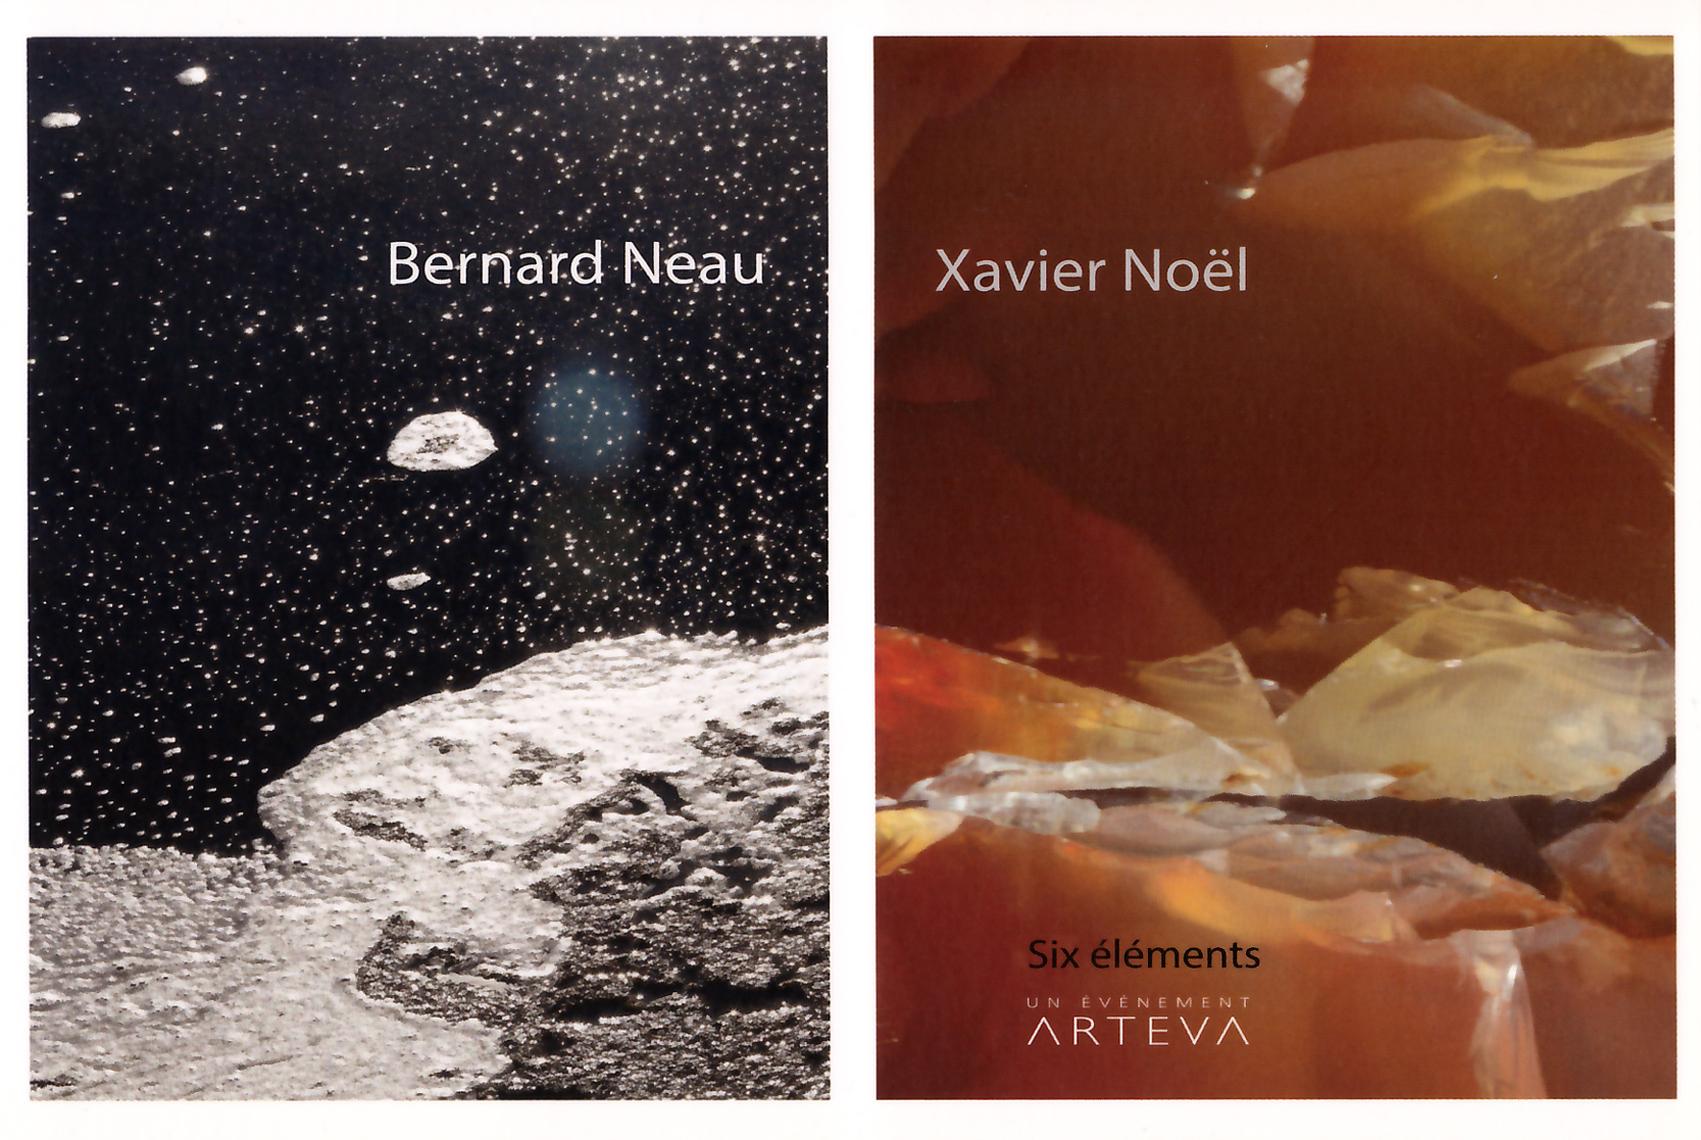 Exposition Les 6 éléments, Arteva, Espace d'art contemporain, Rezé, janvier 2015